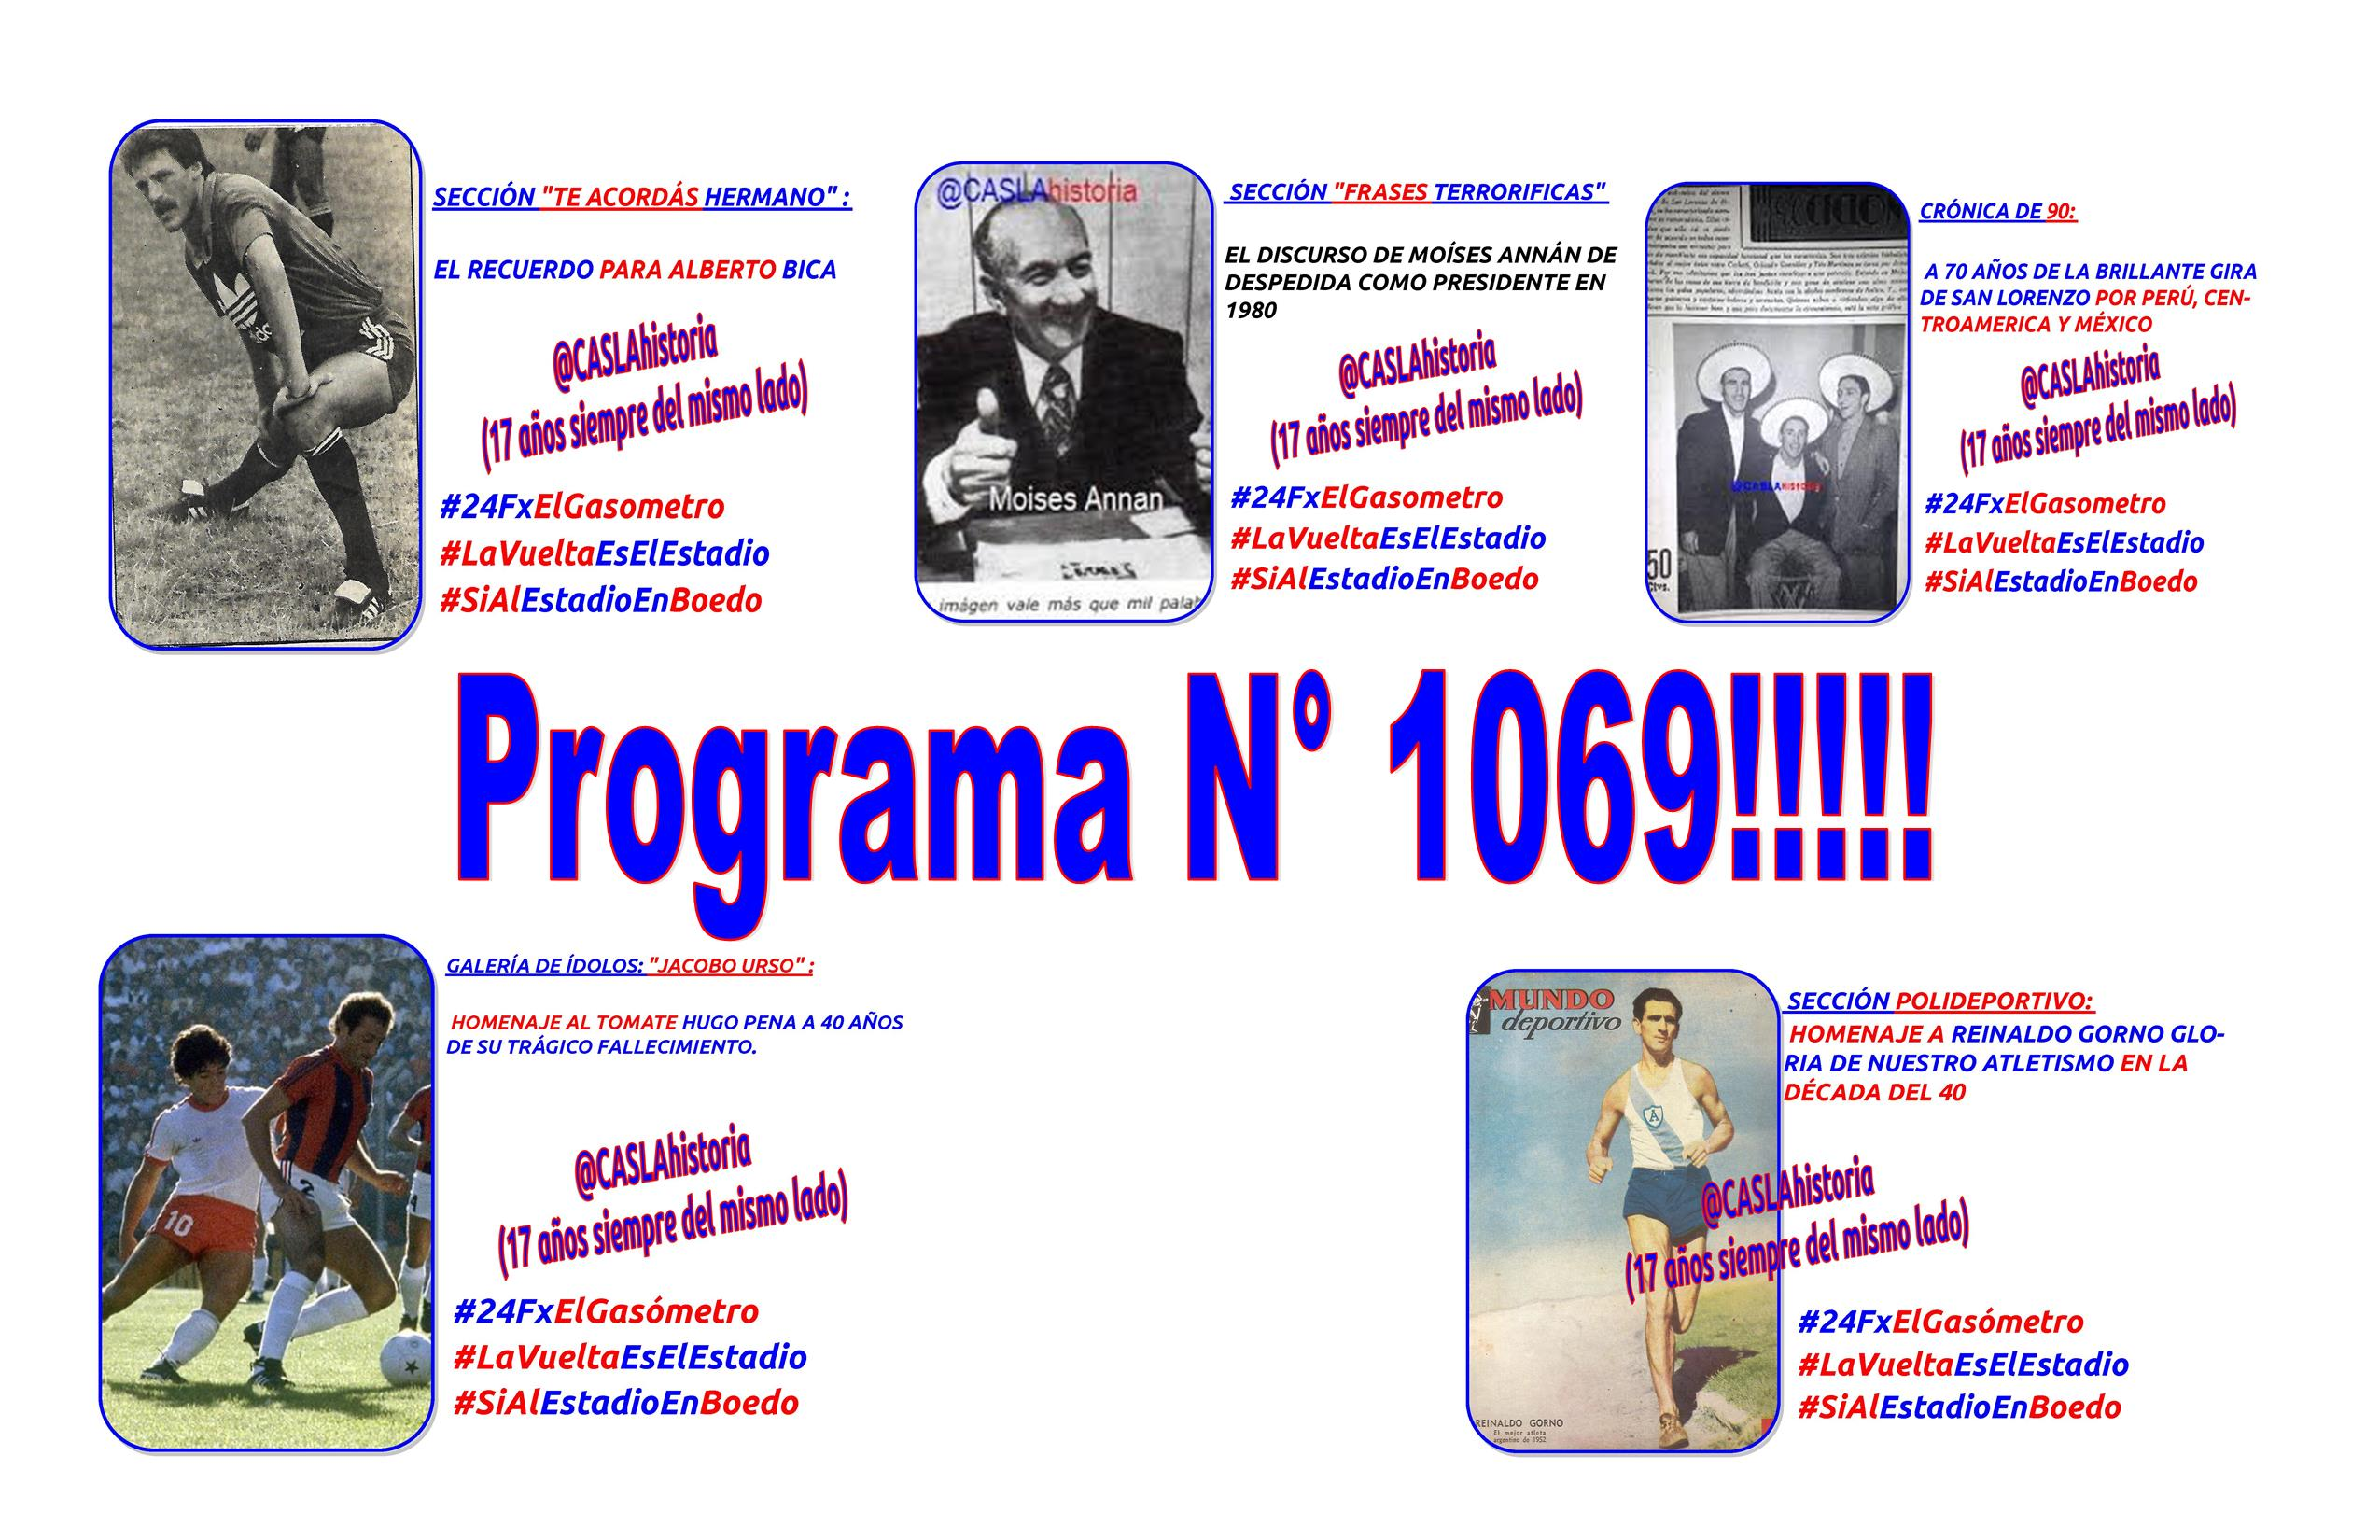 Programa N° 1069!! «Tomate, Annan, Gorno,Robo en Caballito, Bica y Gira a Centro America»